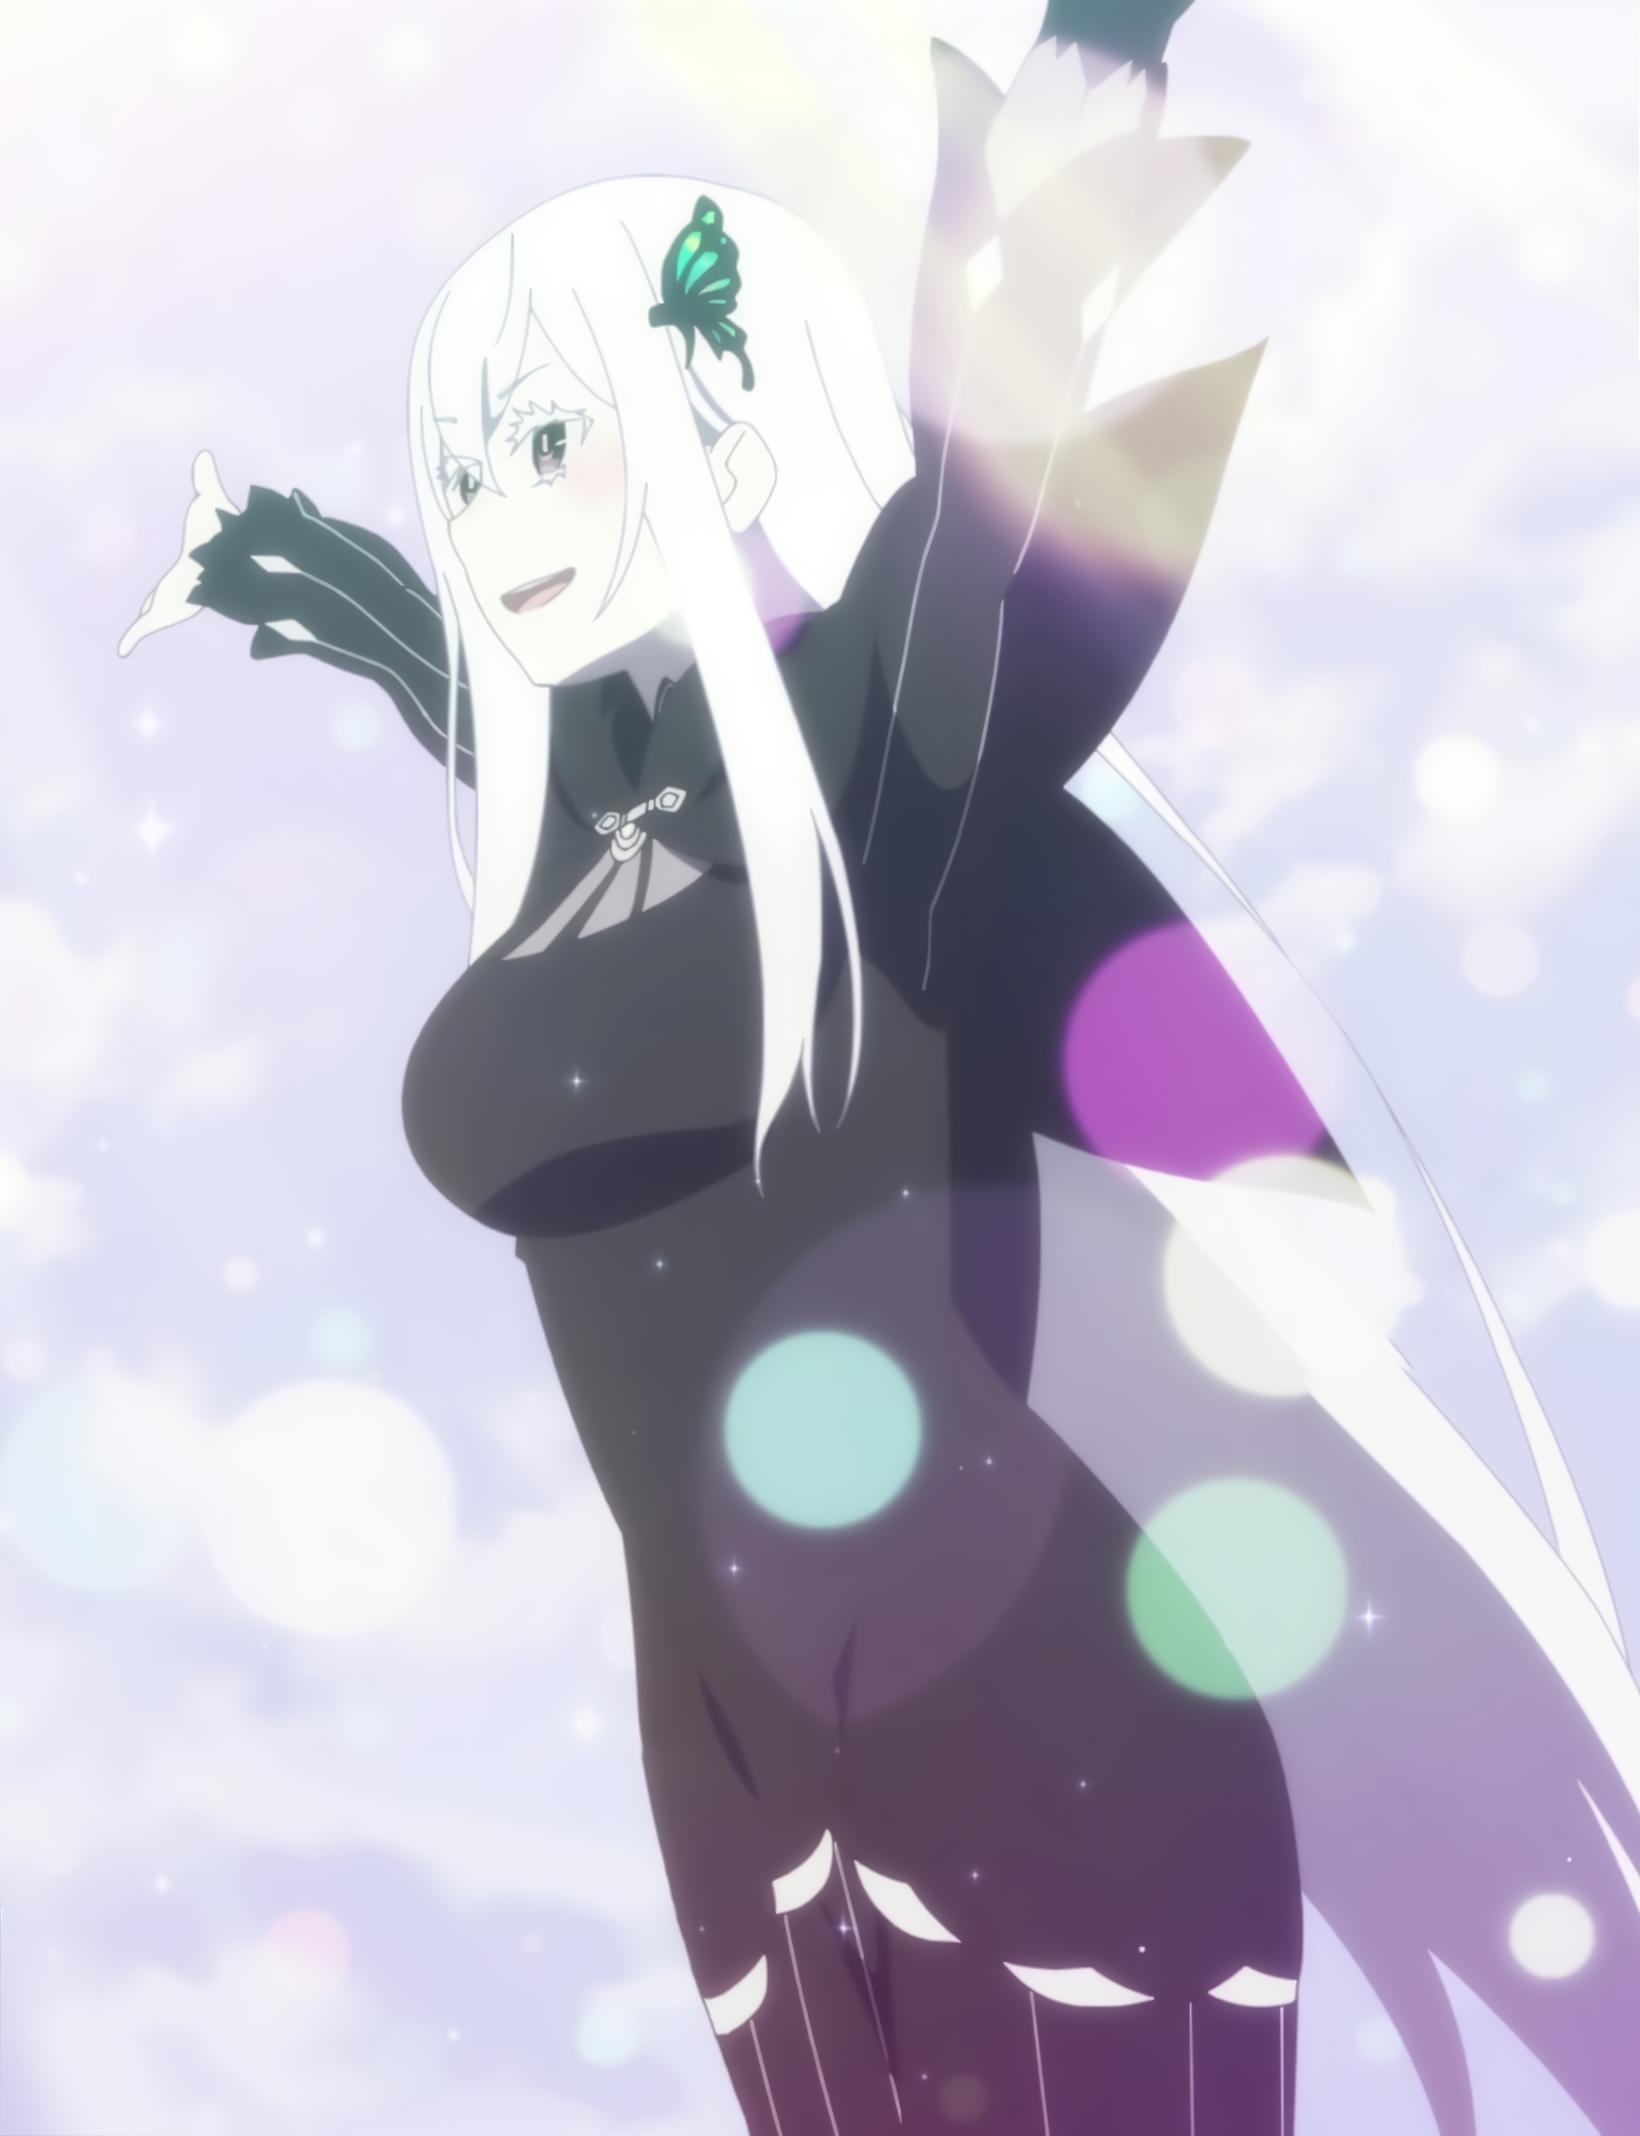 【リゼロ】アニメ最新話で大幅にカットされたエキドナの早口セリフがめっちゃ長い…